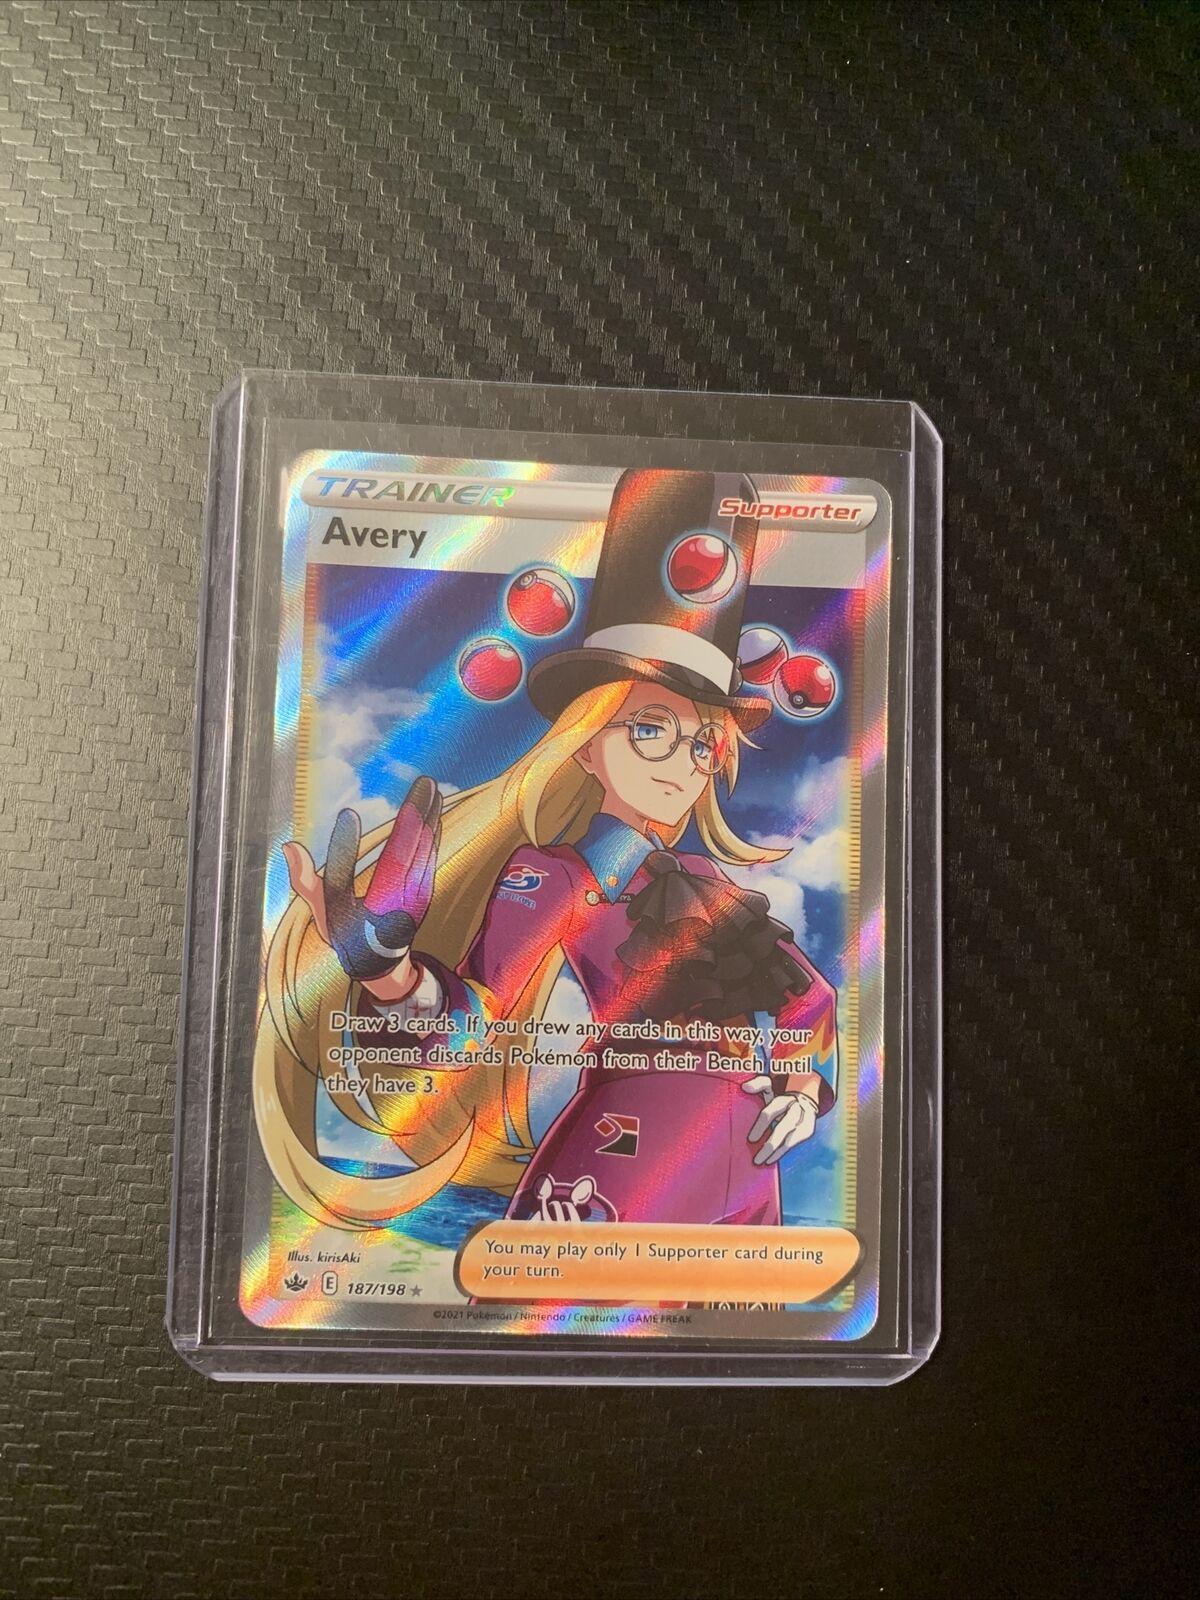 Avery 187/198 Pokemon TCG Chilling Reign Full Art Ultra Rare Near Mint